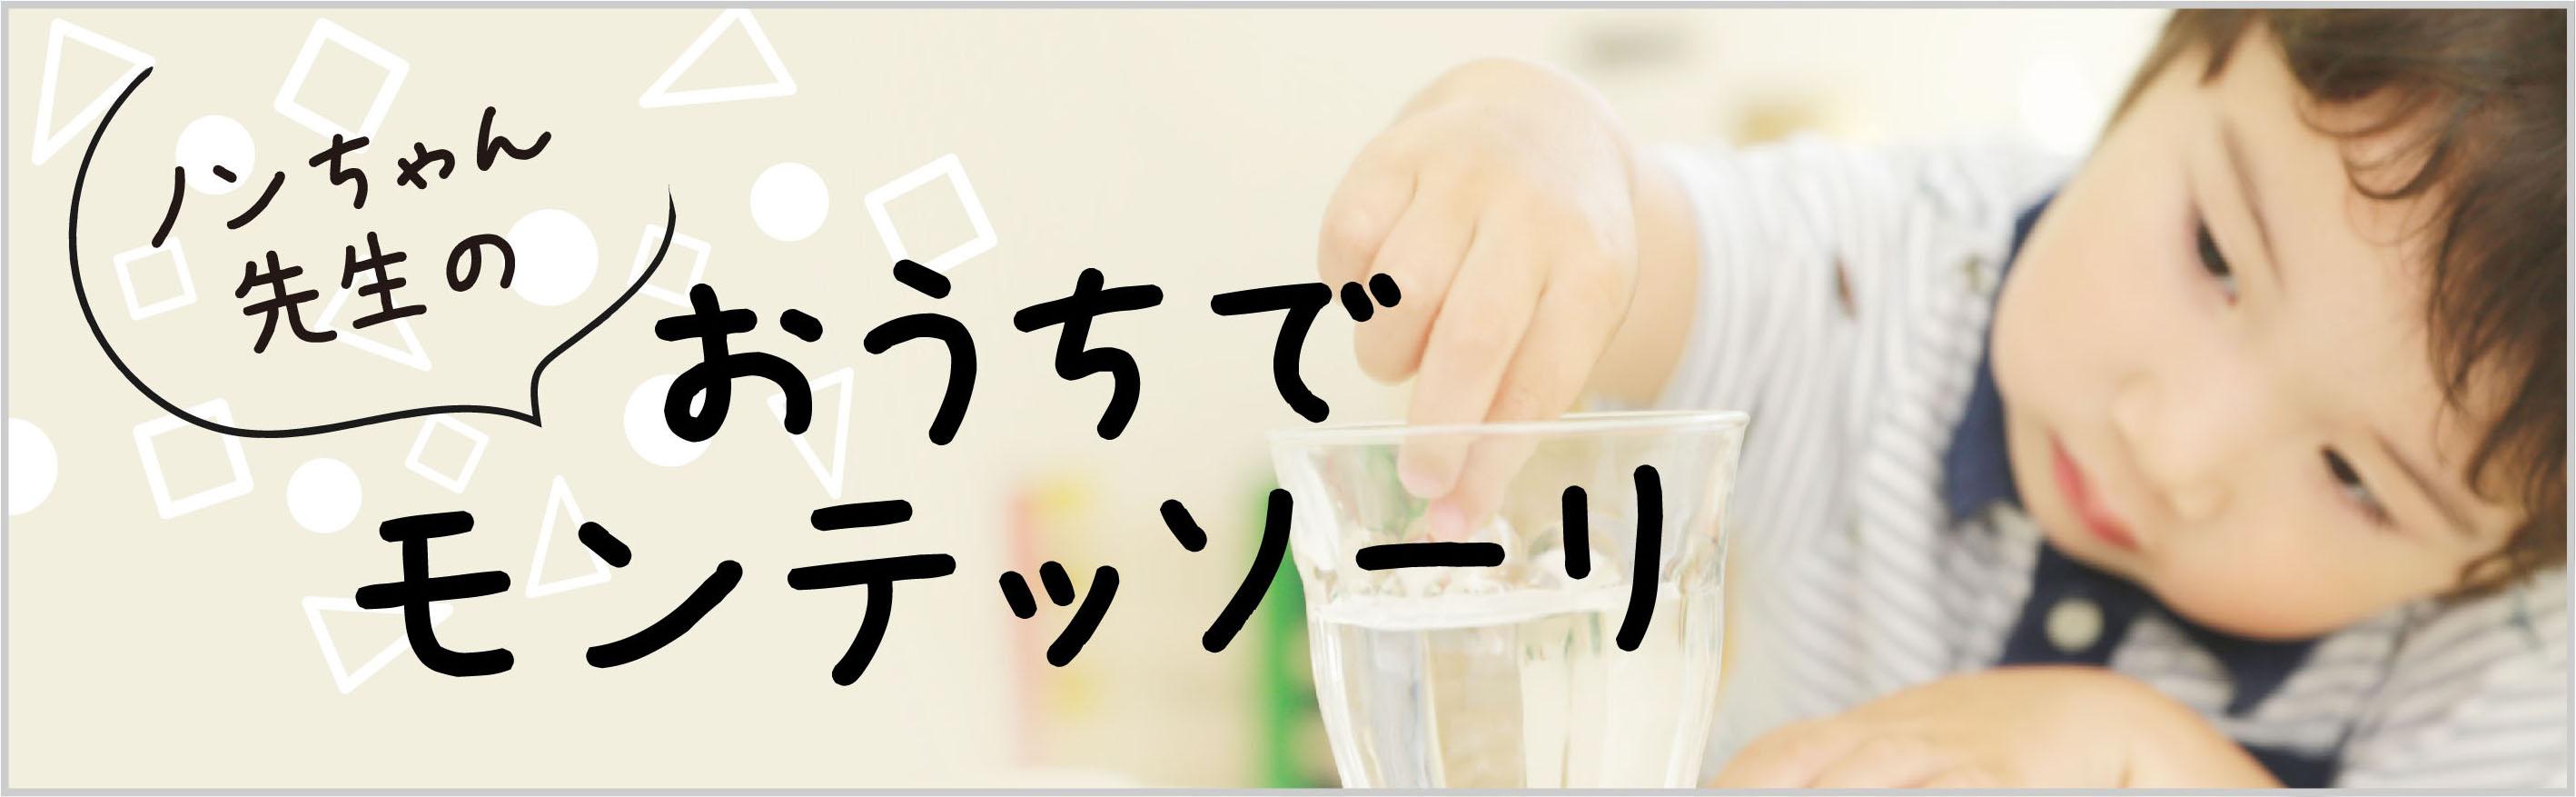 ノンちゃん先生の「おうちでモンテッソーリ」